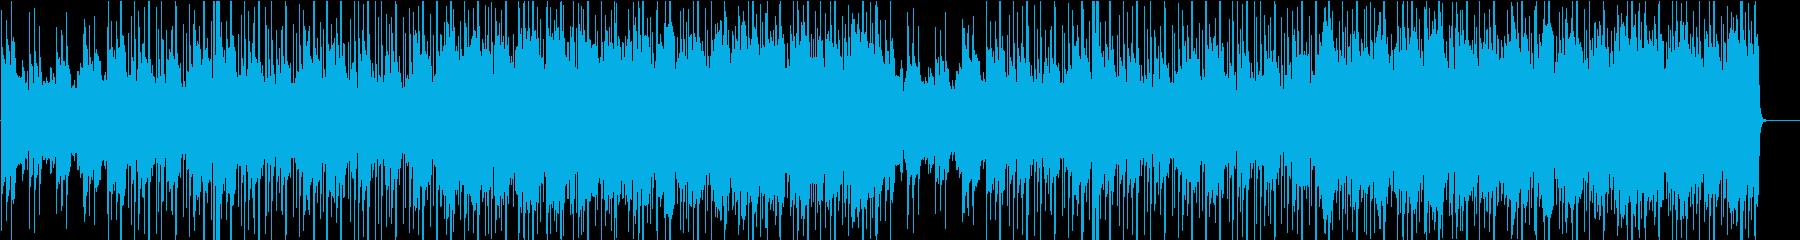 少し小洒落た雰囲気のジャズの再生済みの波形